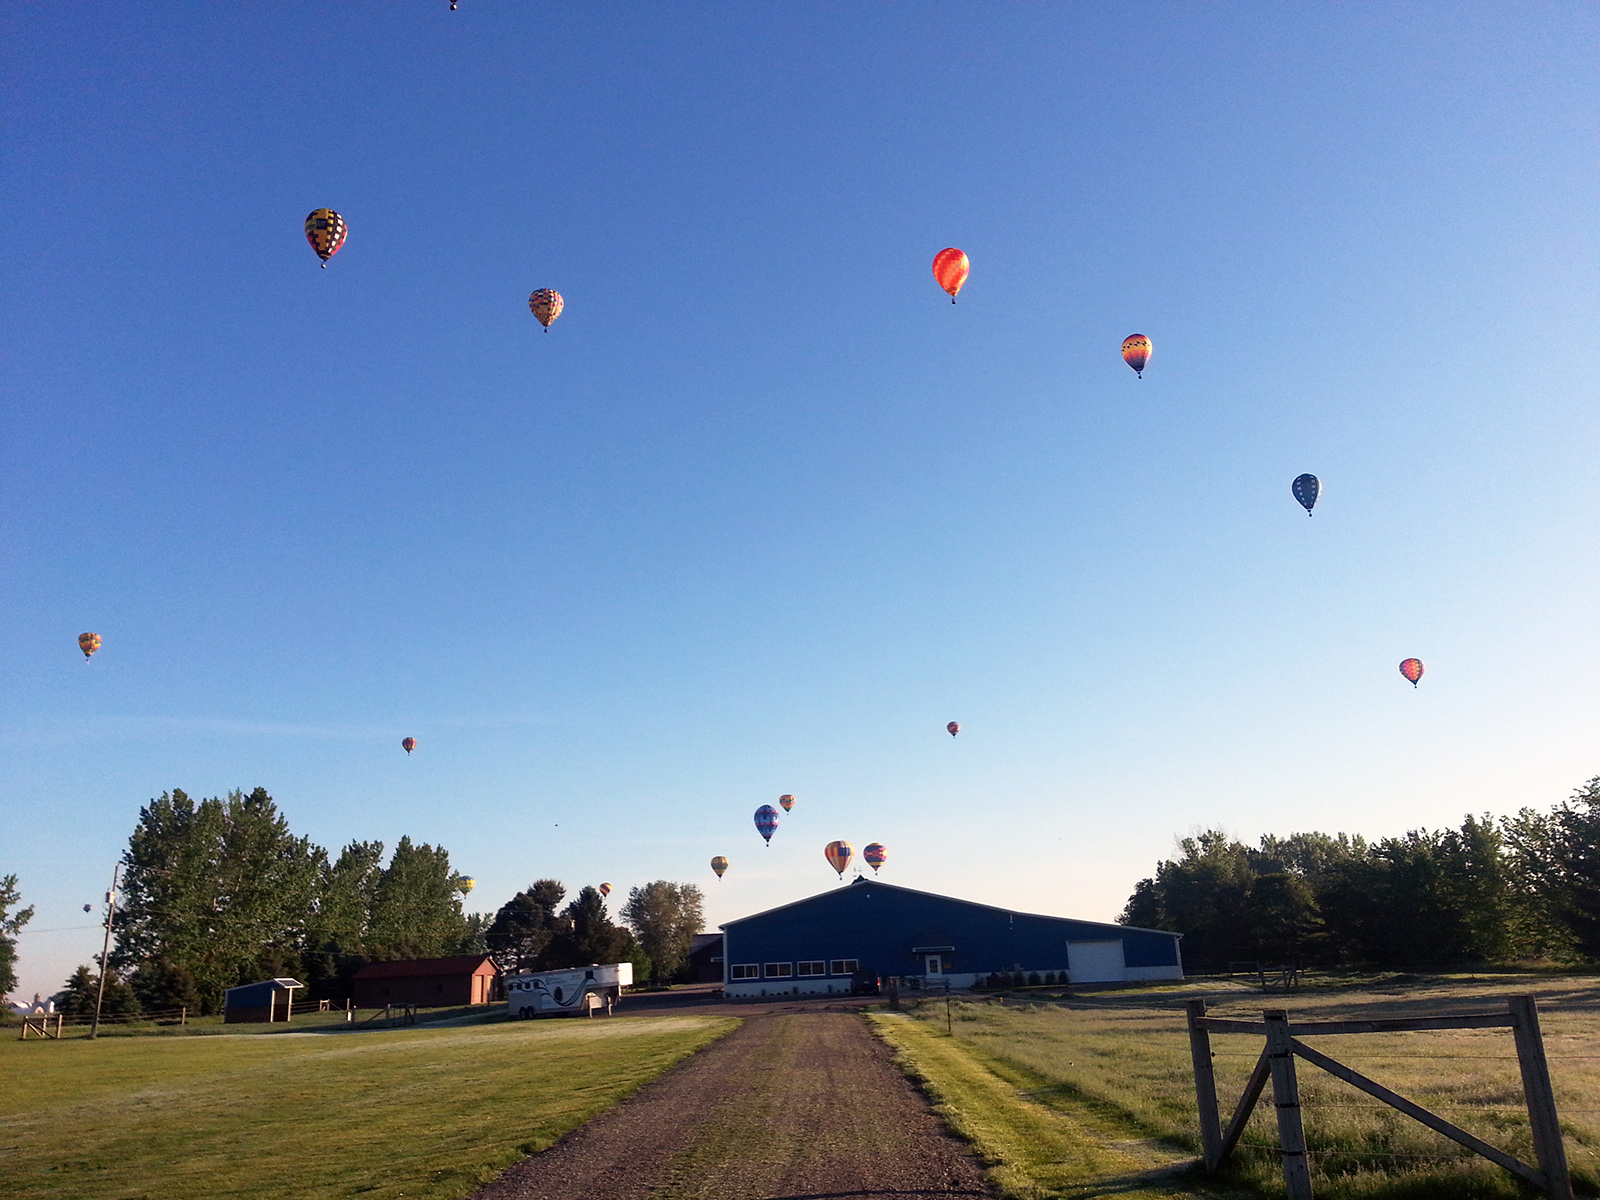 balloons over KLC_med.jpg